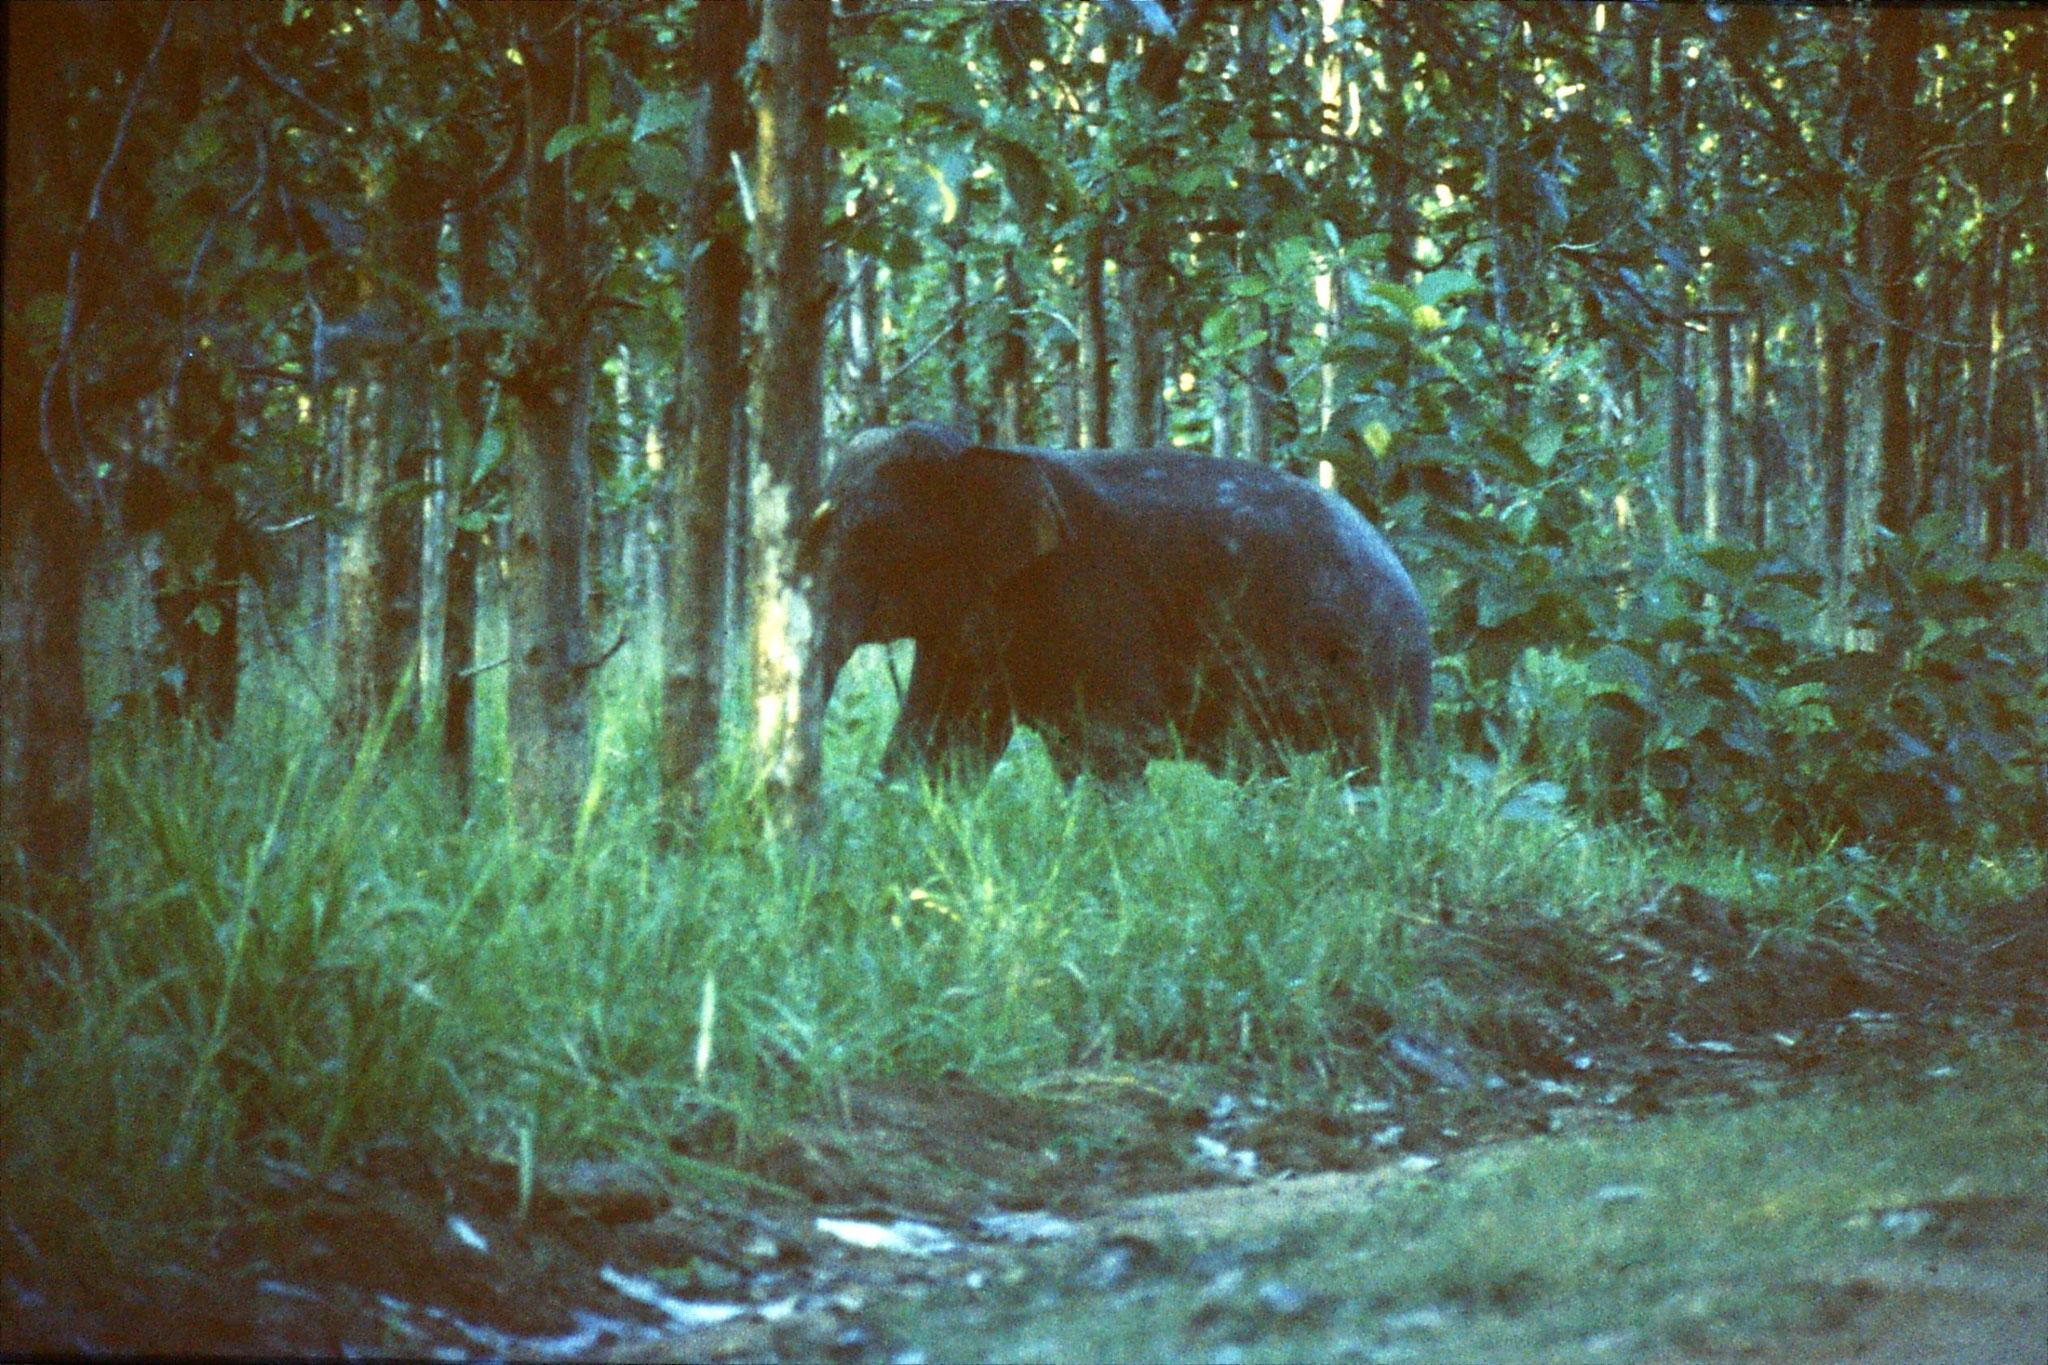 28/1/1990: 2: Uda Walawe Elephant